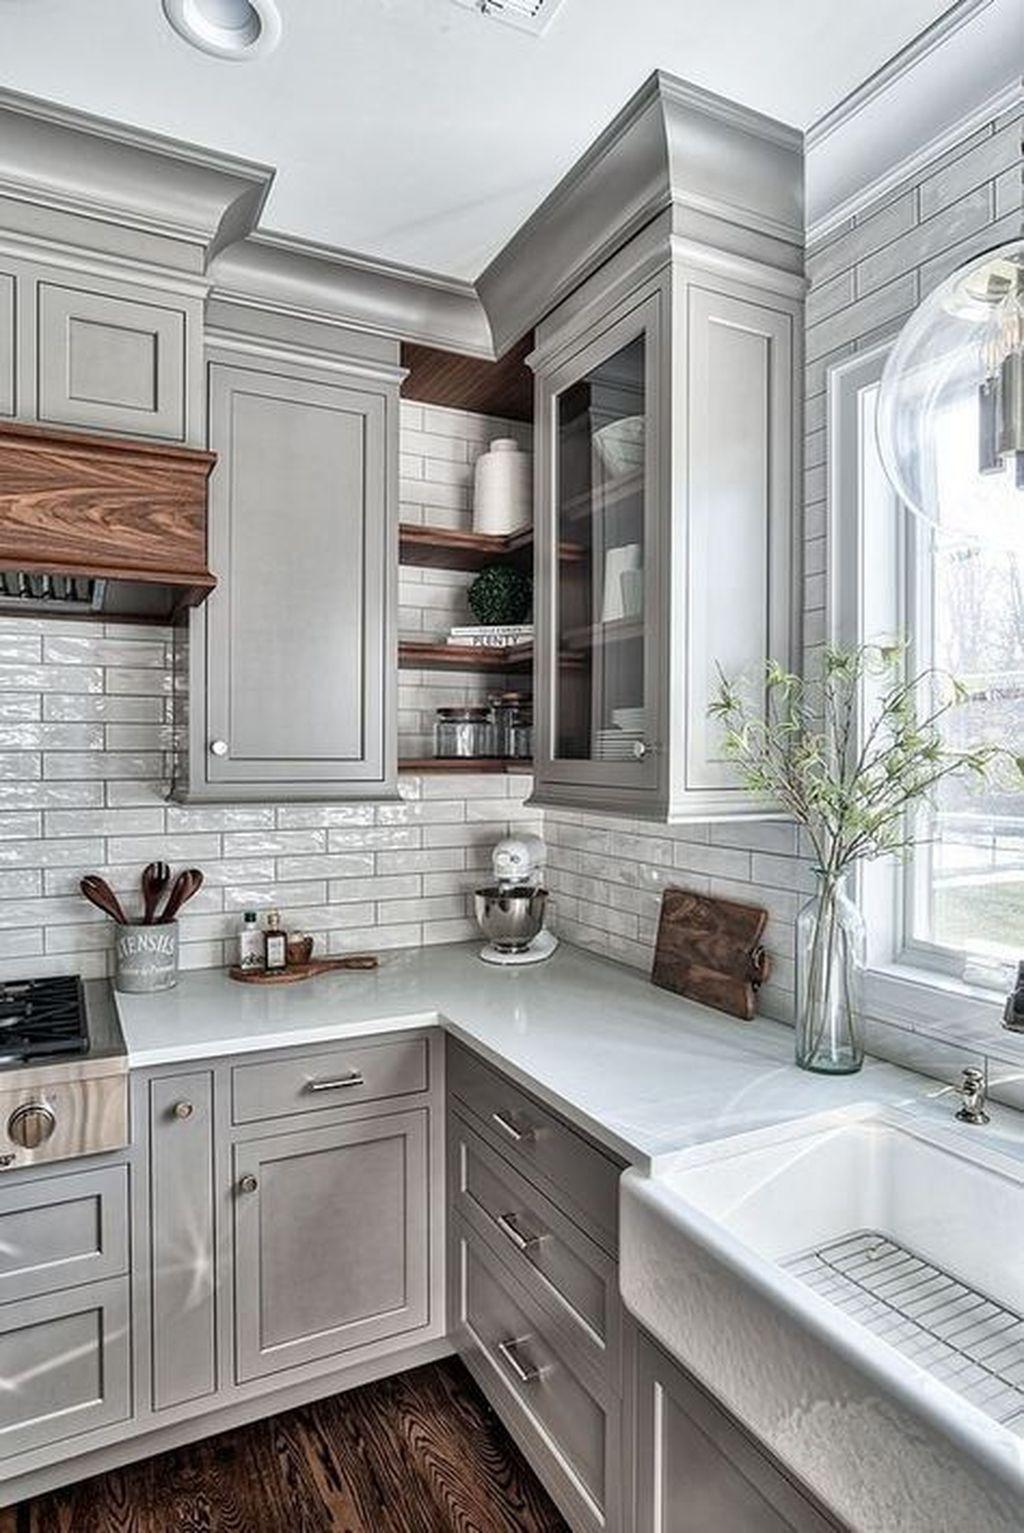 9 The Best Ideas For Neutral Kitchen Design Ideas   Grey kitchen ...